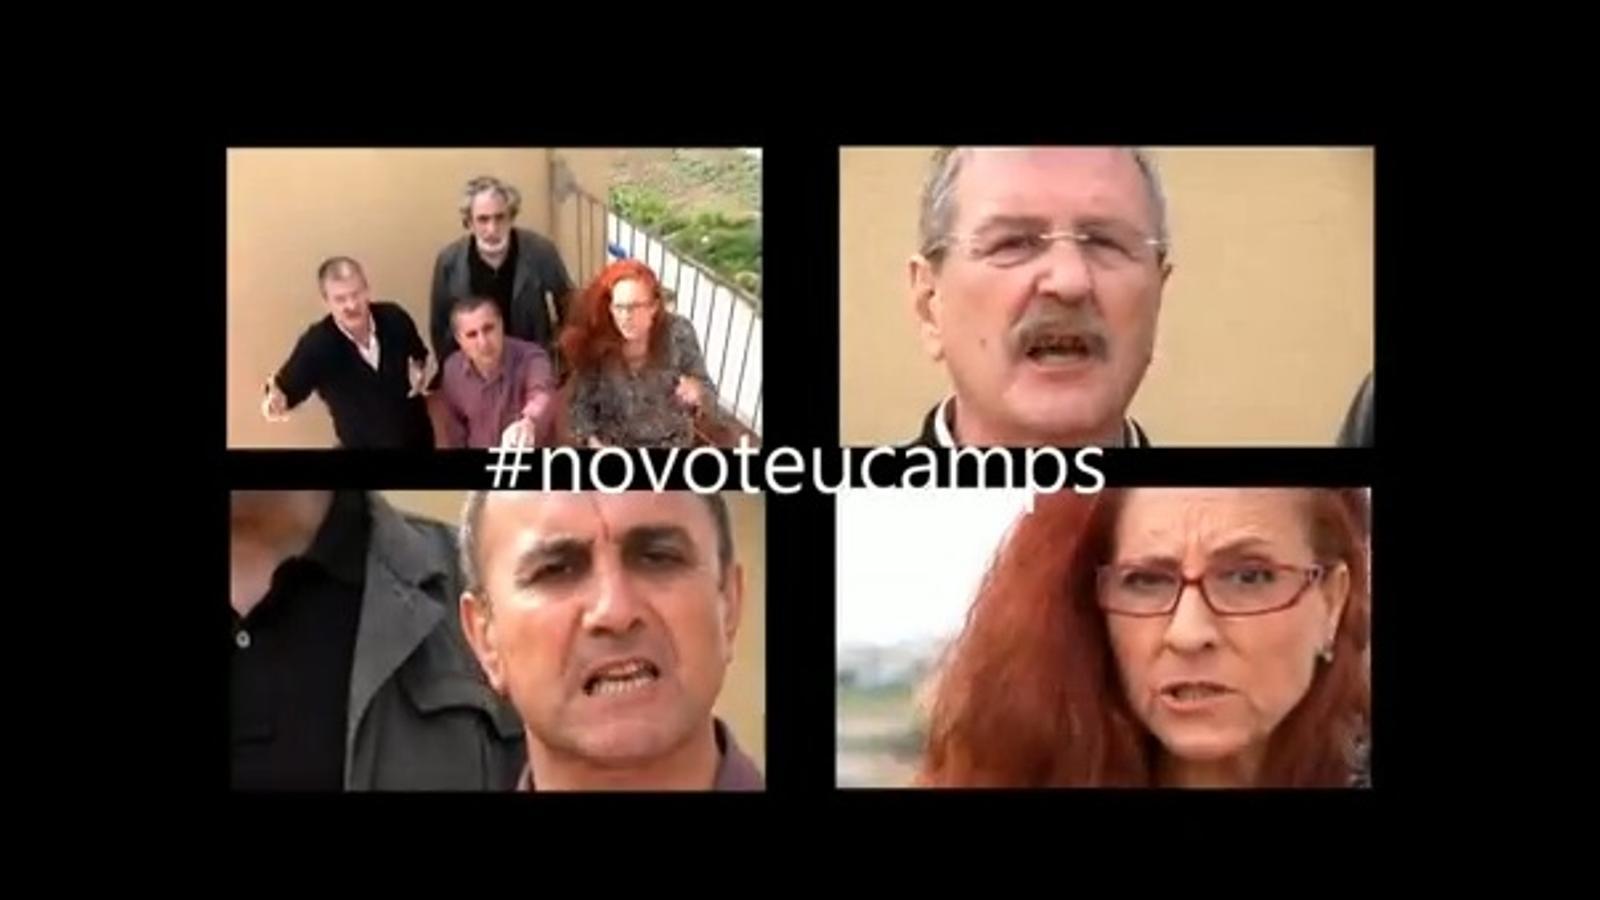 Un romanç contra Francisco Camps s'obre pas a la xarxa